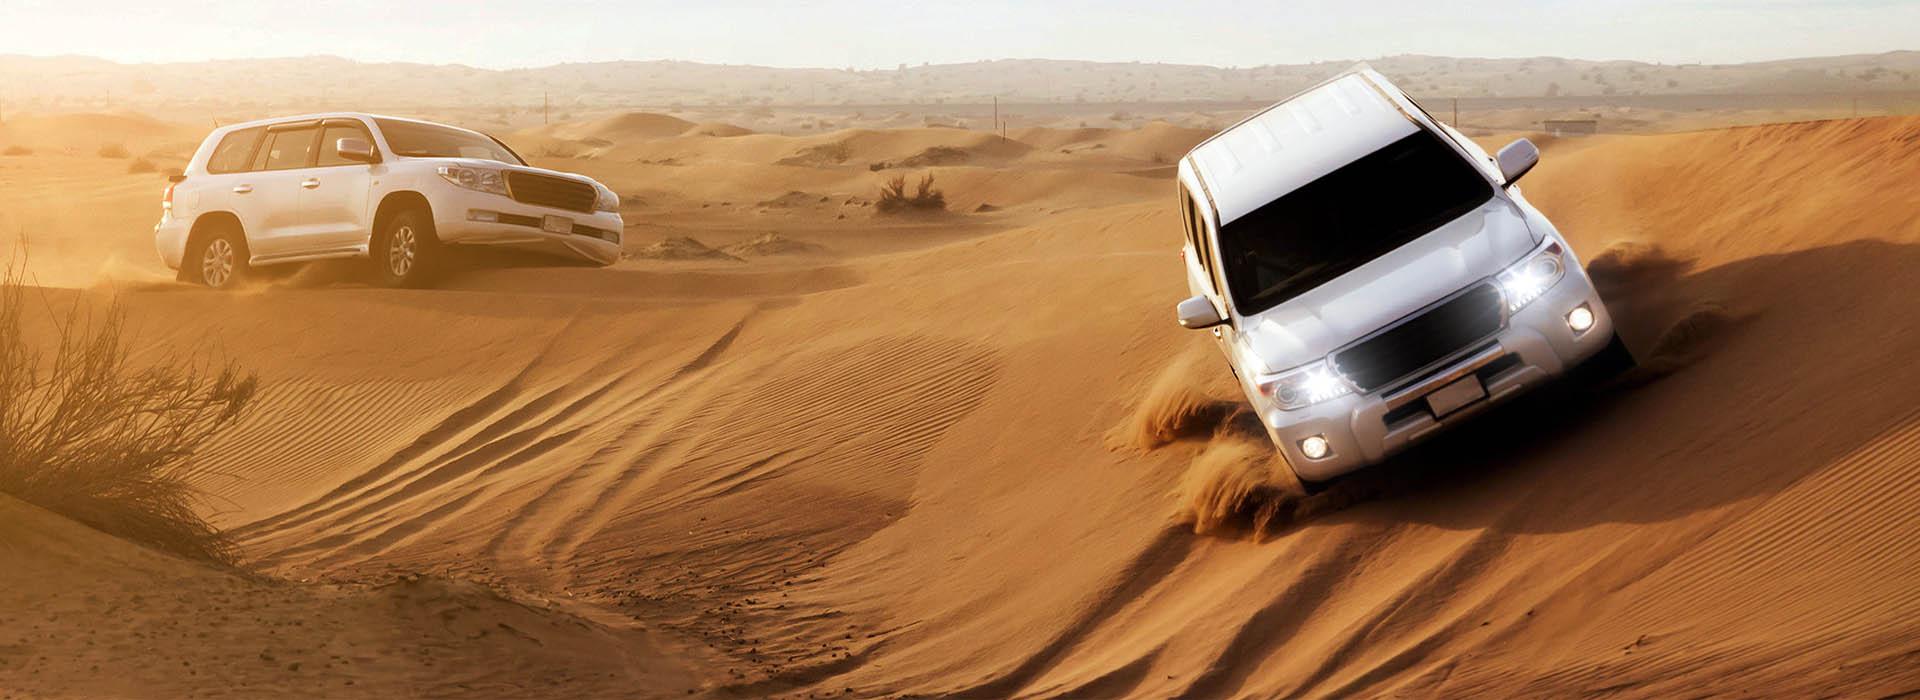 Desert Drive Oman Tour